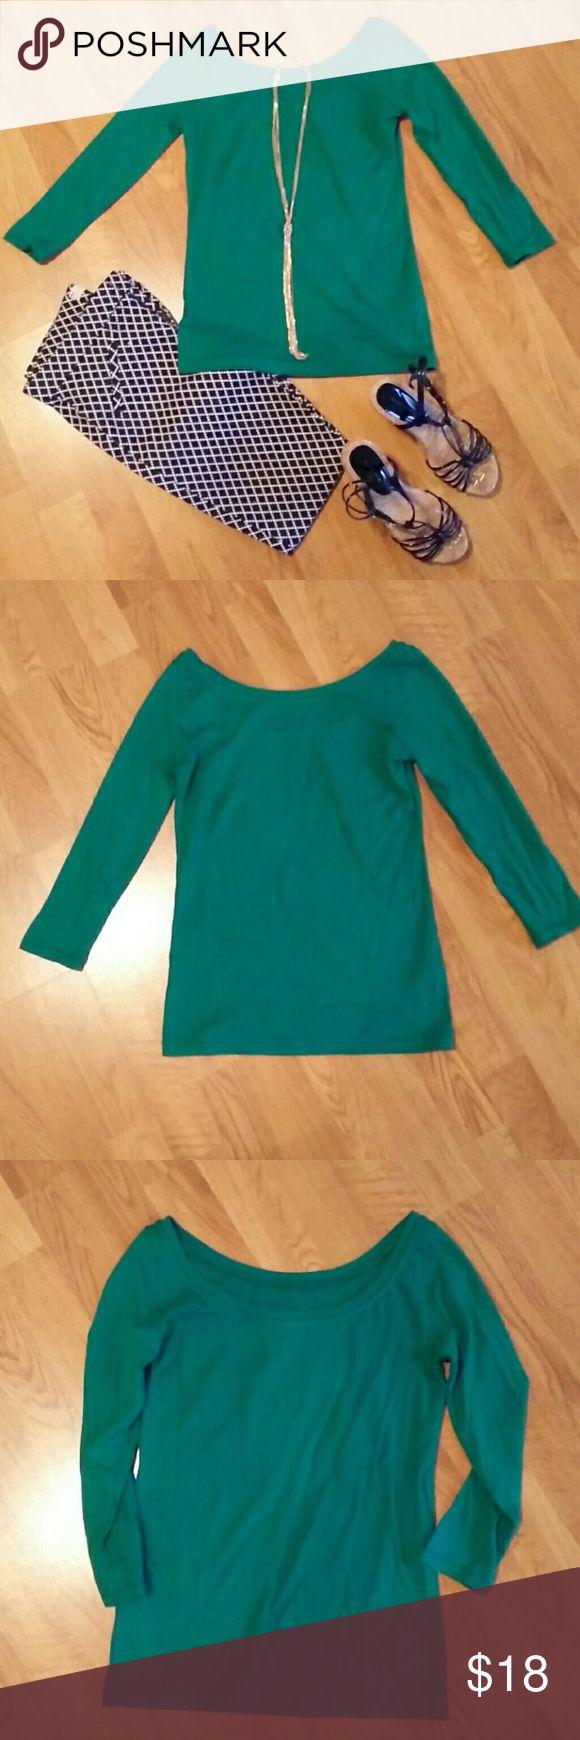 J Crew scoop neck ballet t-shirt Scoop neck, quarter length sleeves, J crew Tops